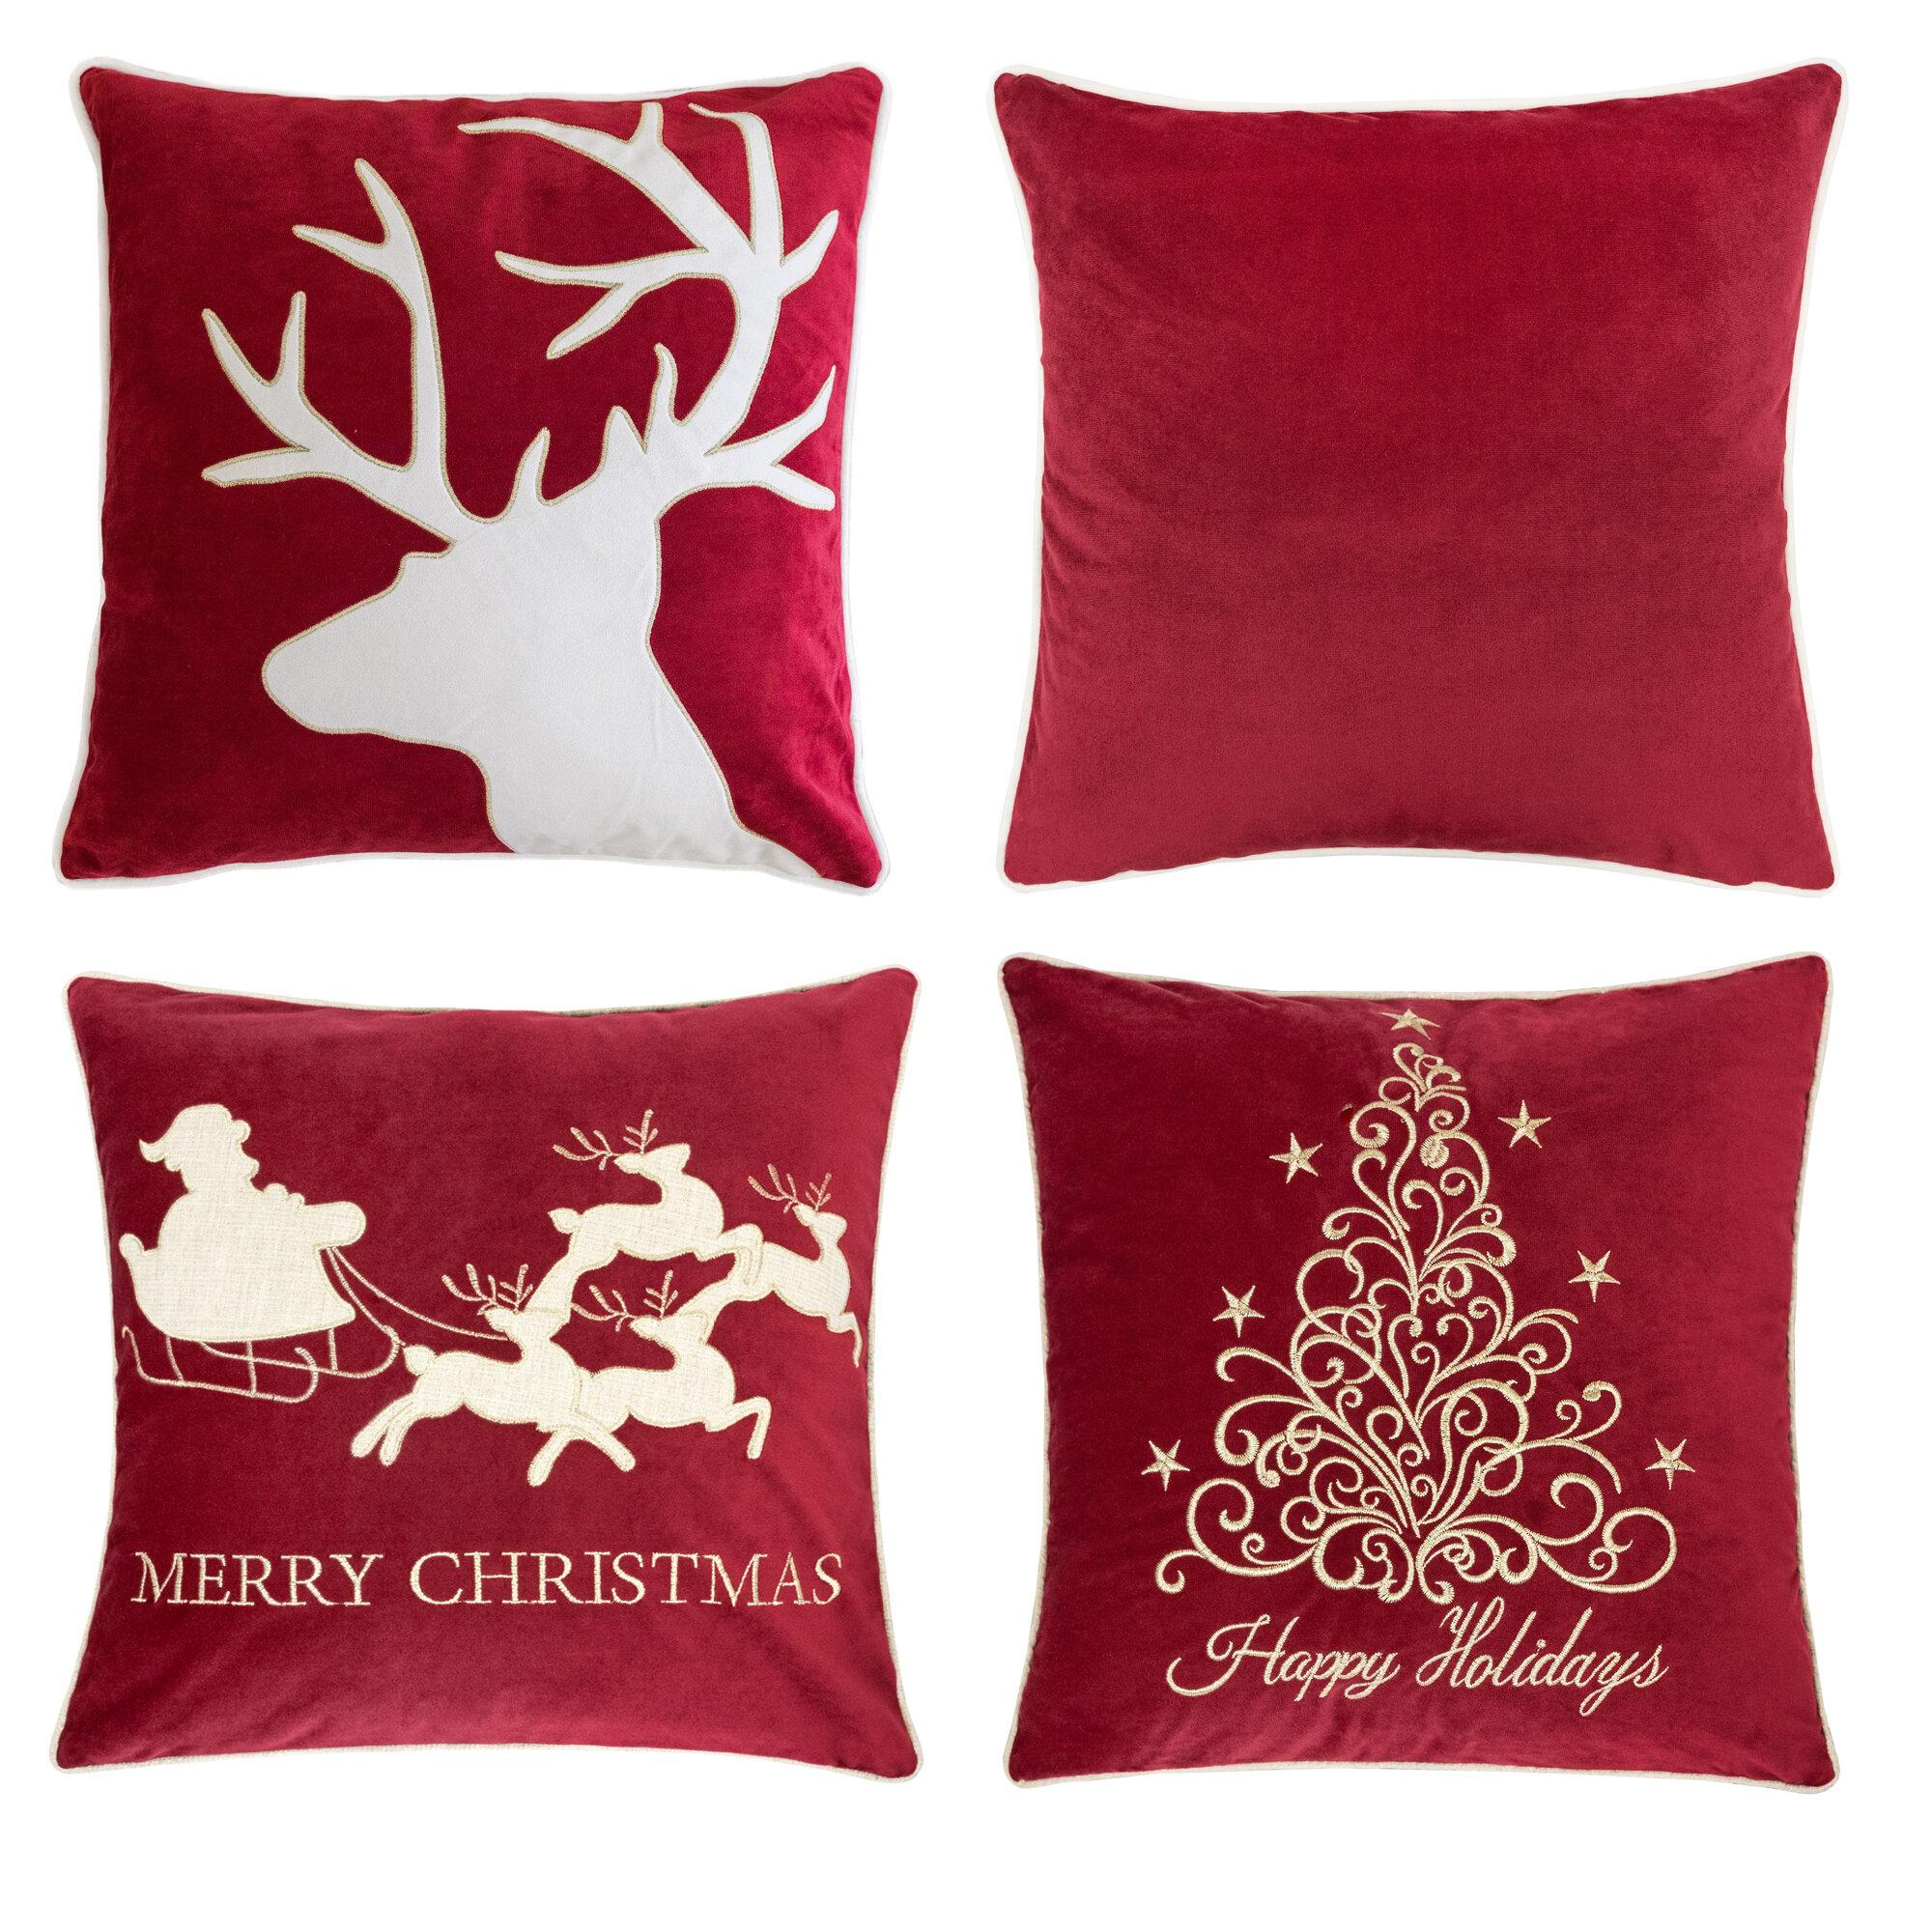 20 Square Velvet Christmas Pillows You Ll Love In 2021 Wayfair